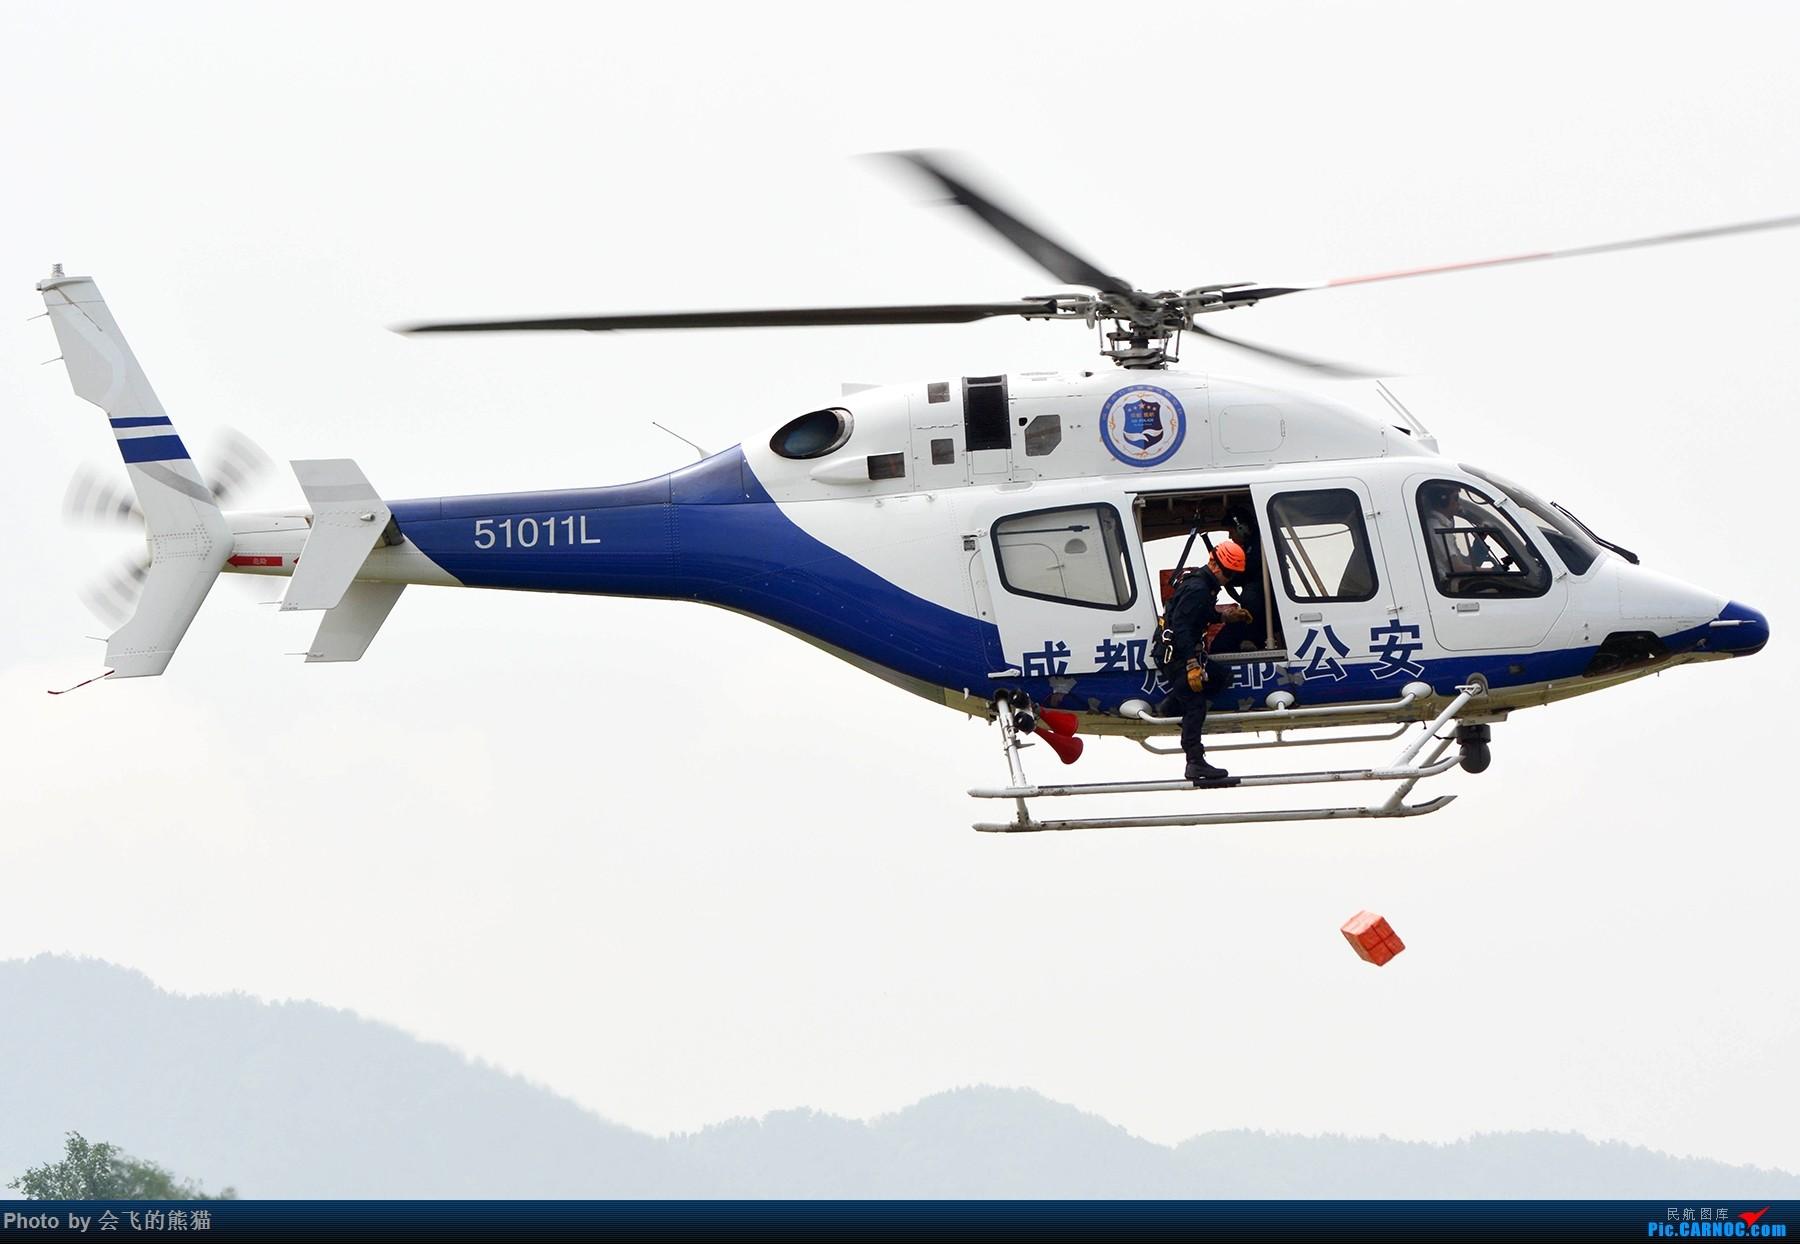 Re:[原创]本地小航展 BELL 429 51011L 驼峰通航洛带机场